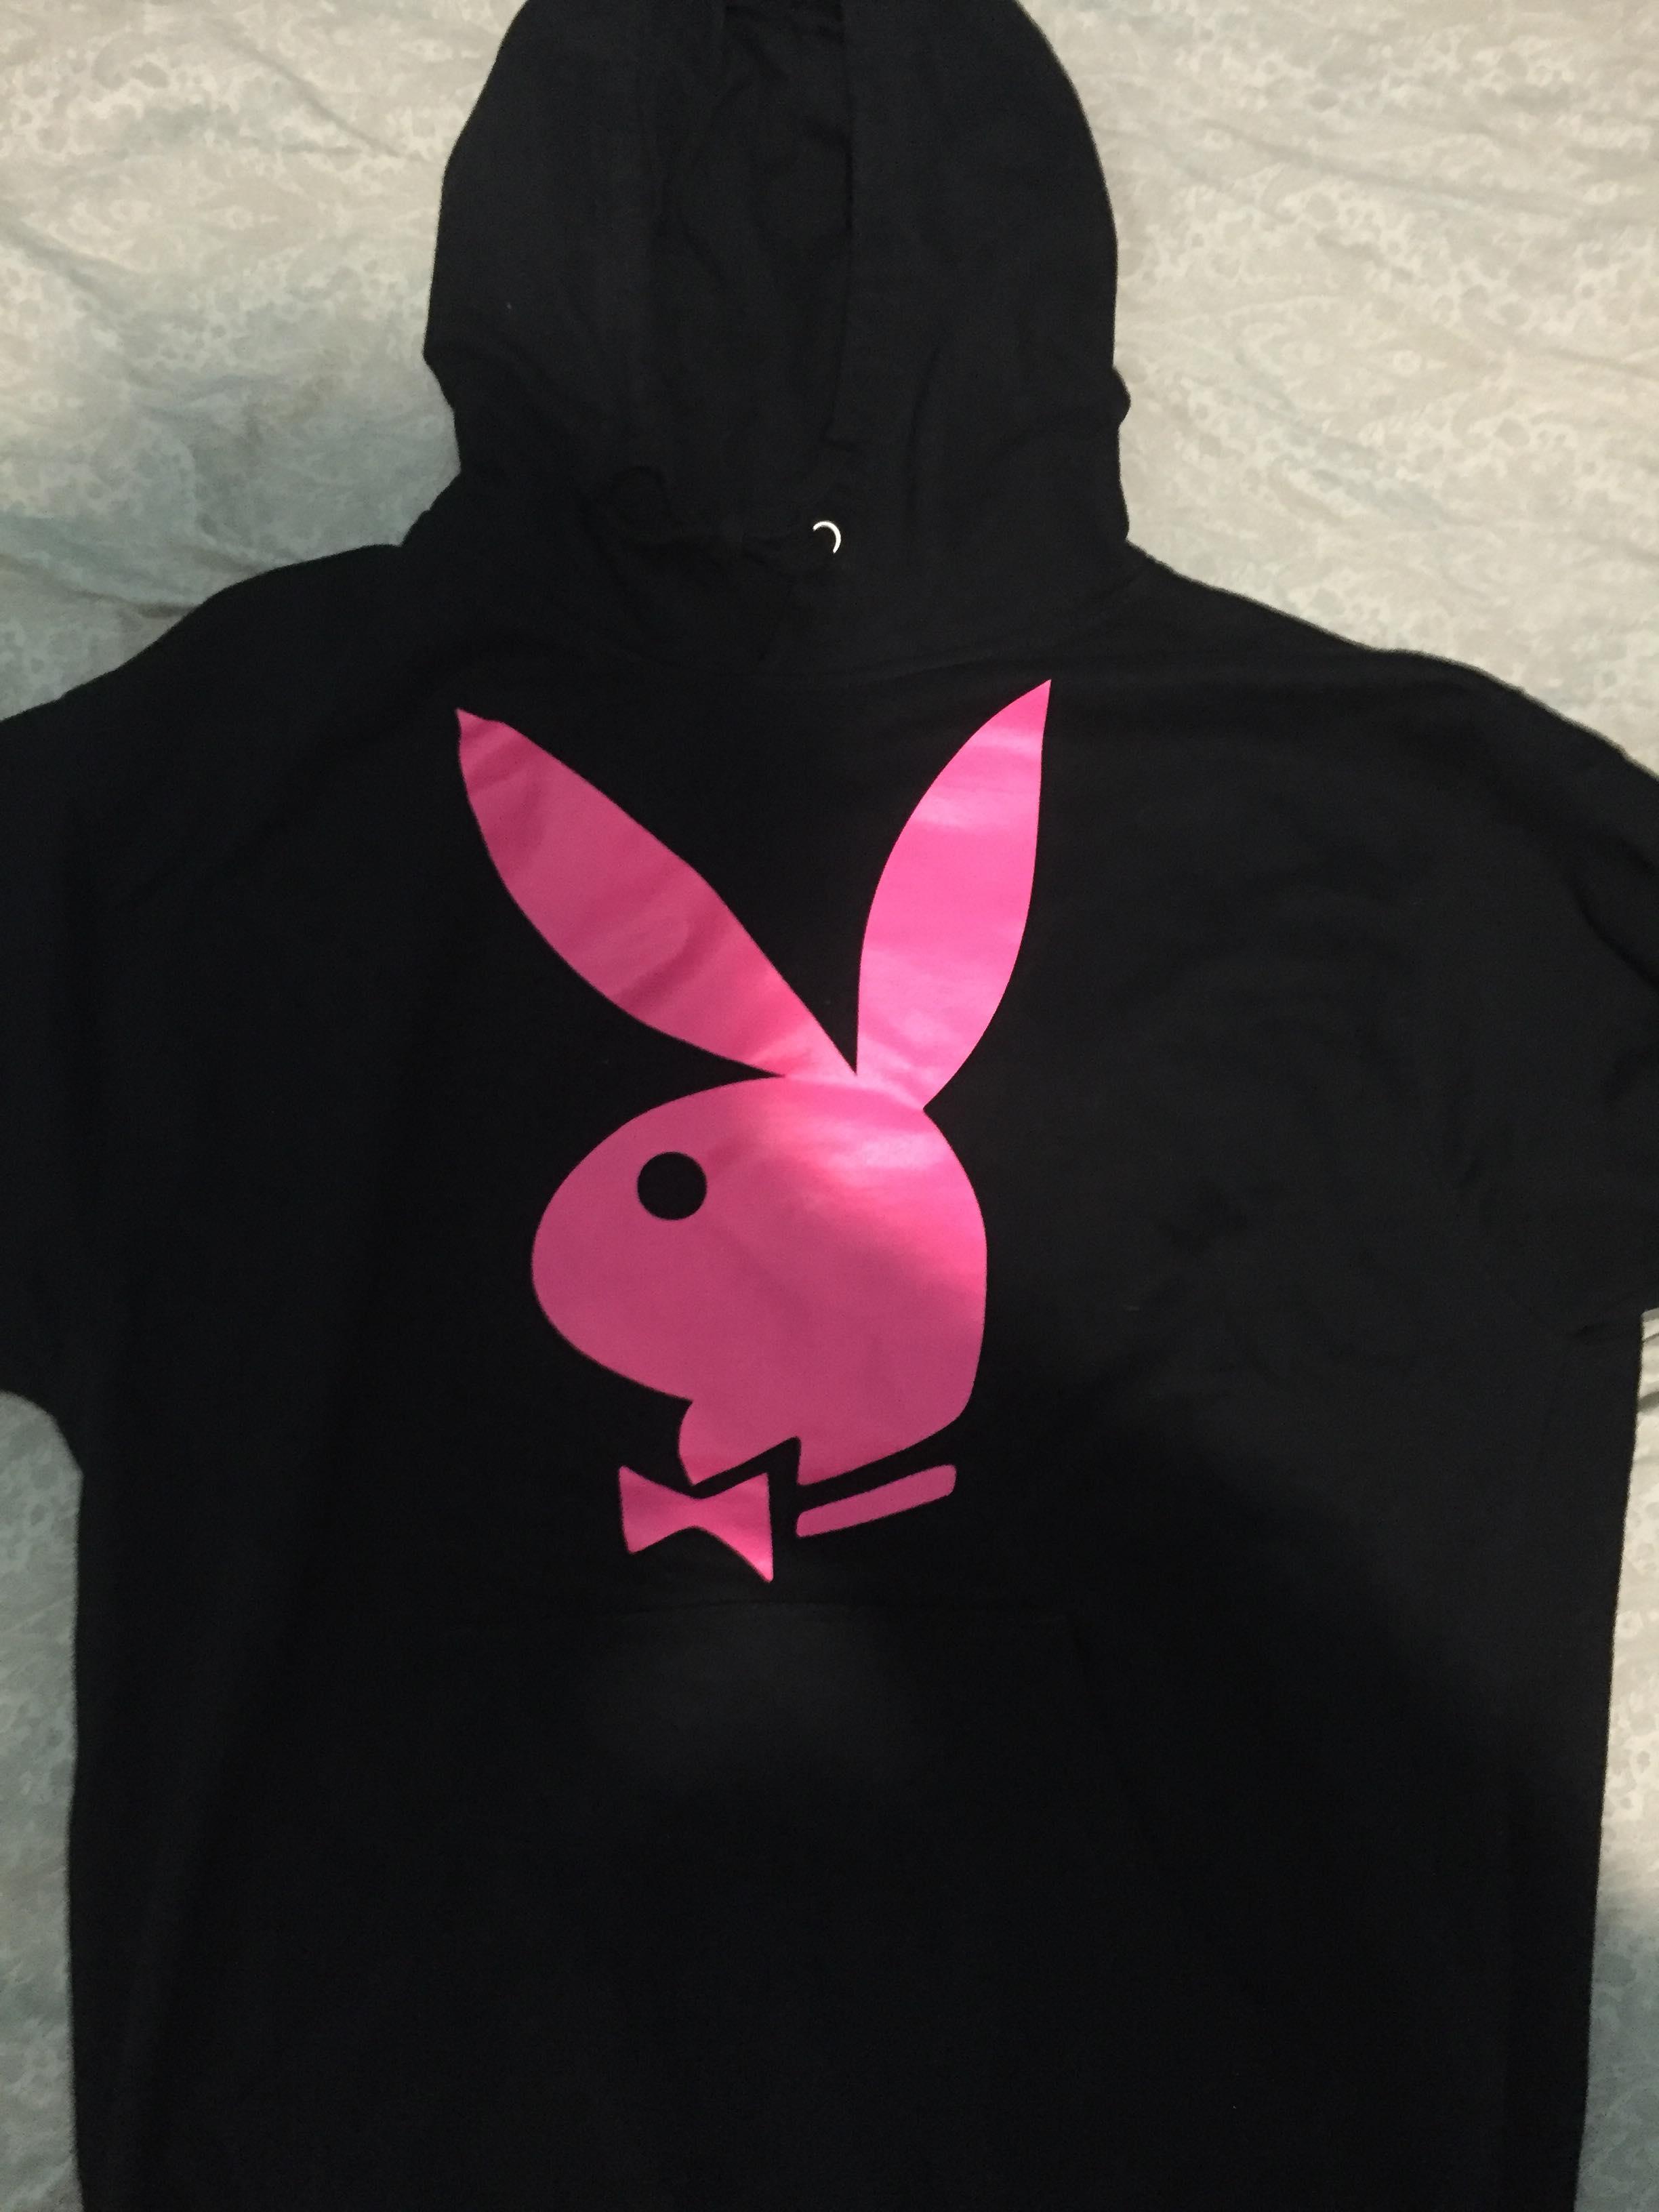 5b866ddd9460 Playboy ASSC x Playboy Sweatshirt Size l - Sweatshirts   Hoodies for ...